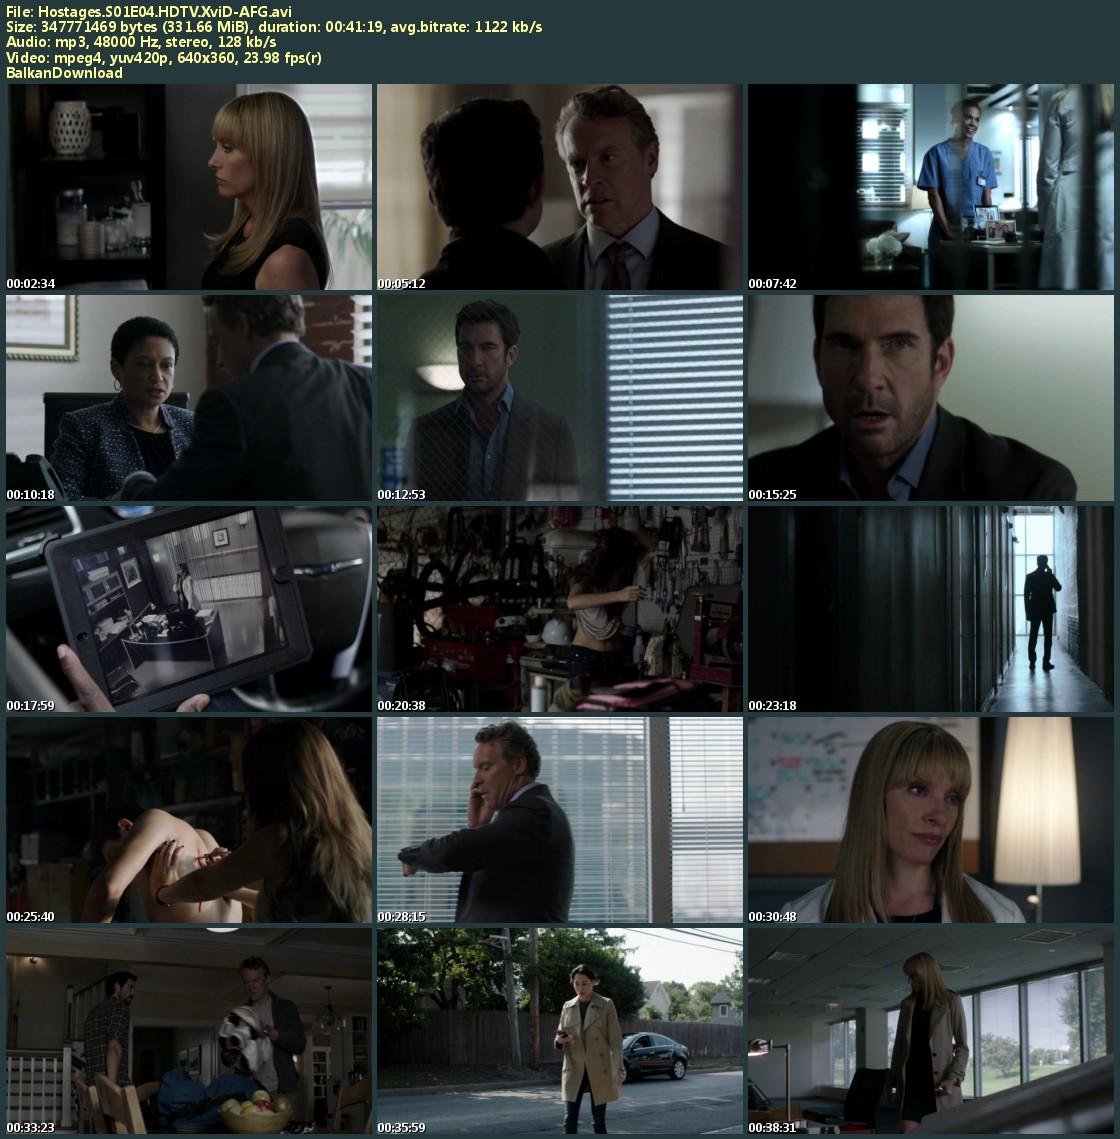 hostages.s01e04.hdtv.k9af3.jpg